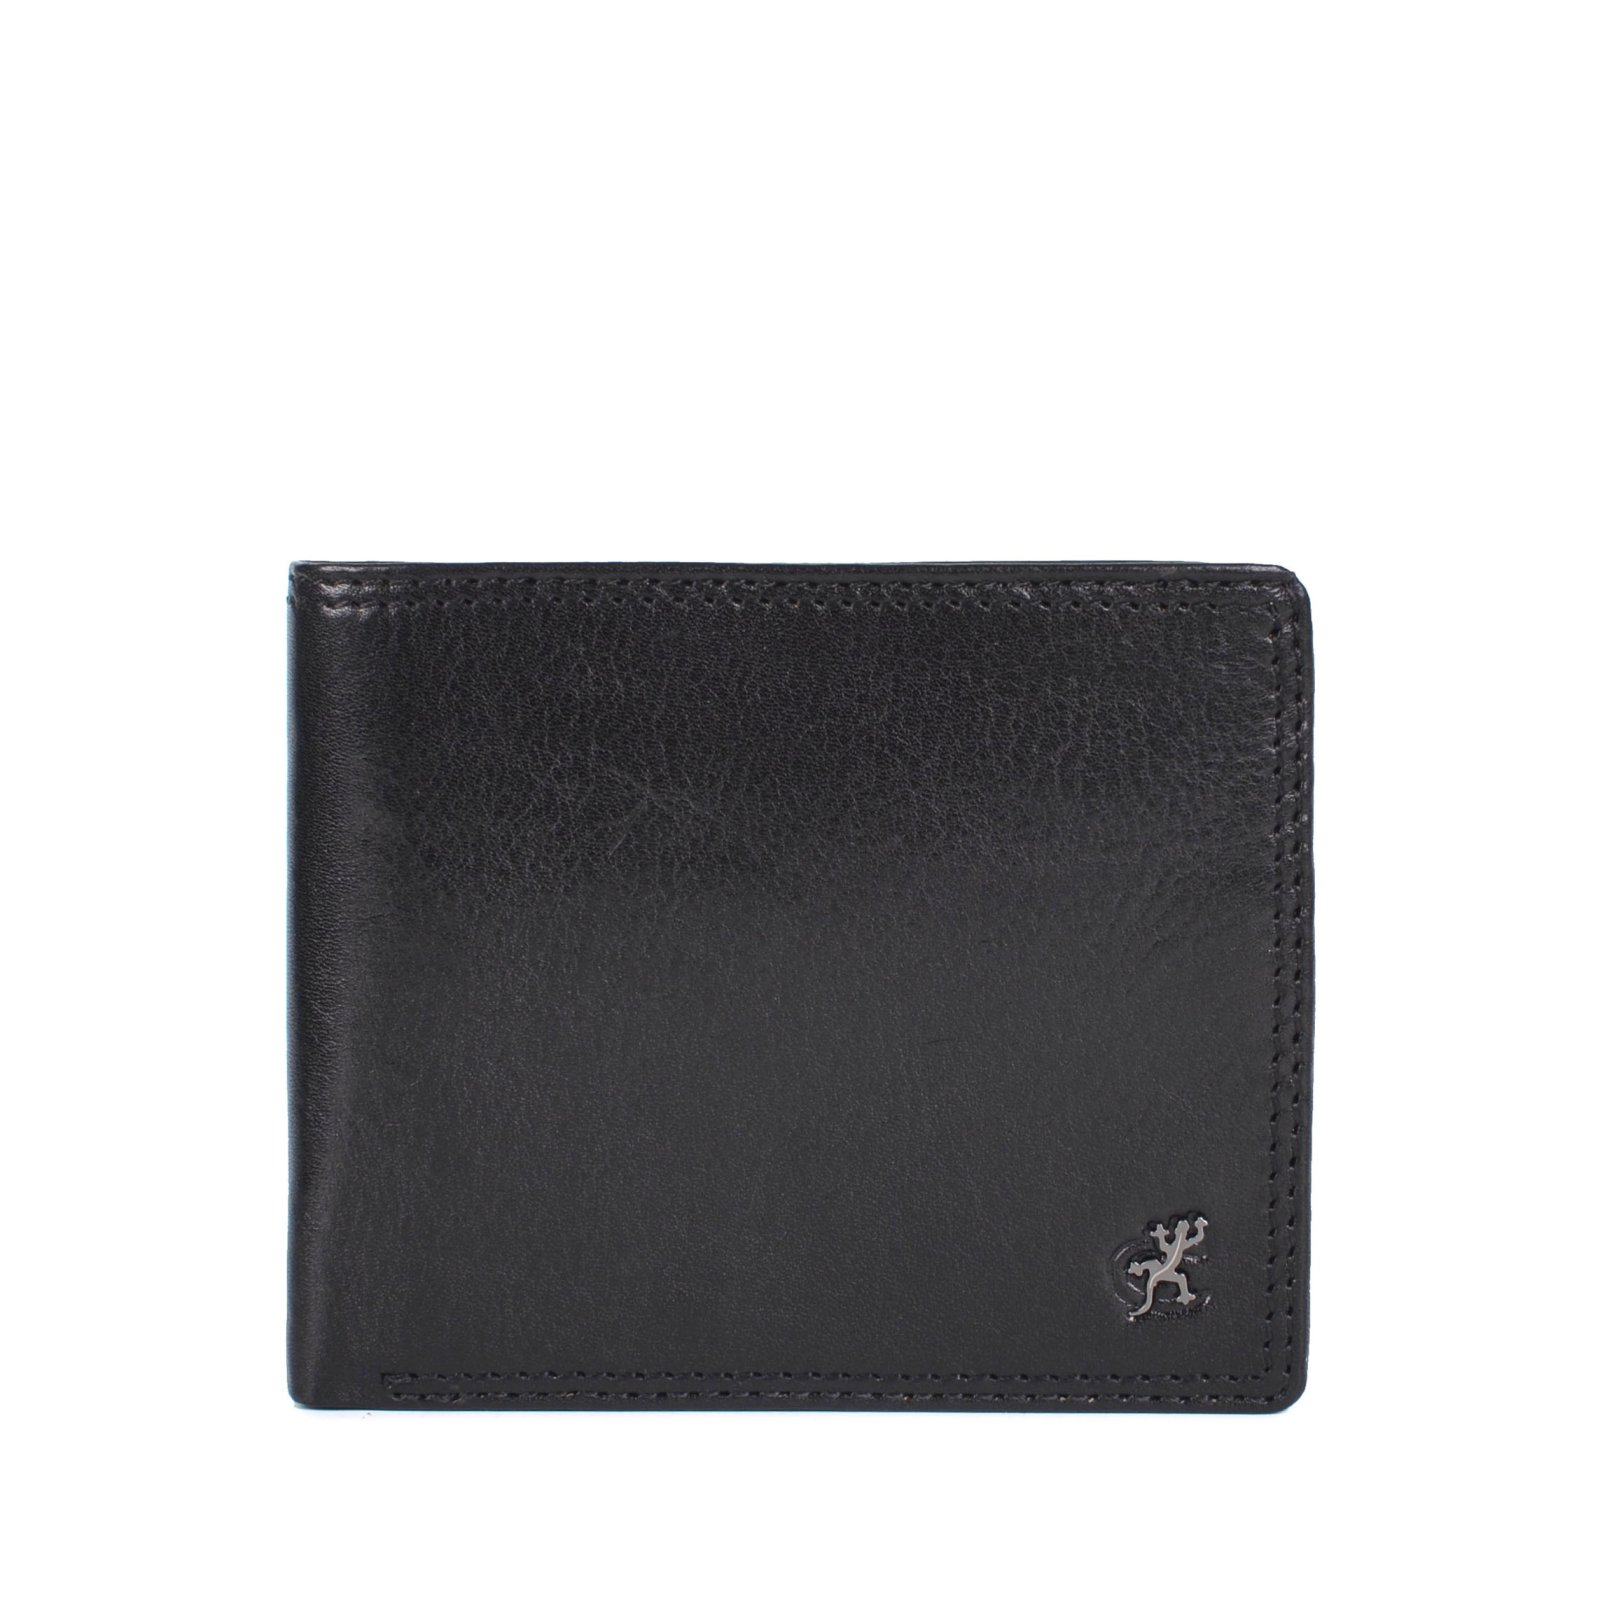 Kožená peněženka Cosset – 4504 Komodo C